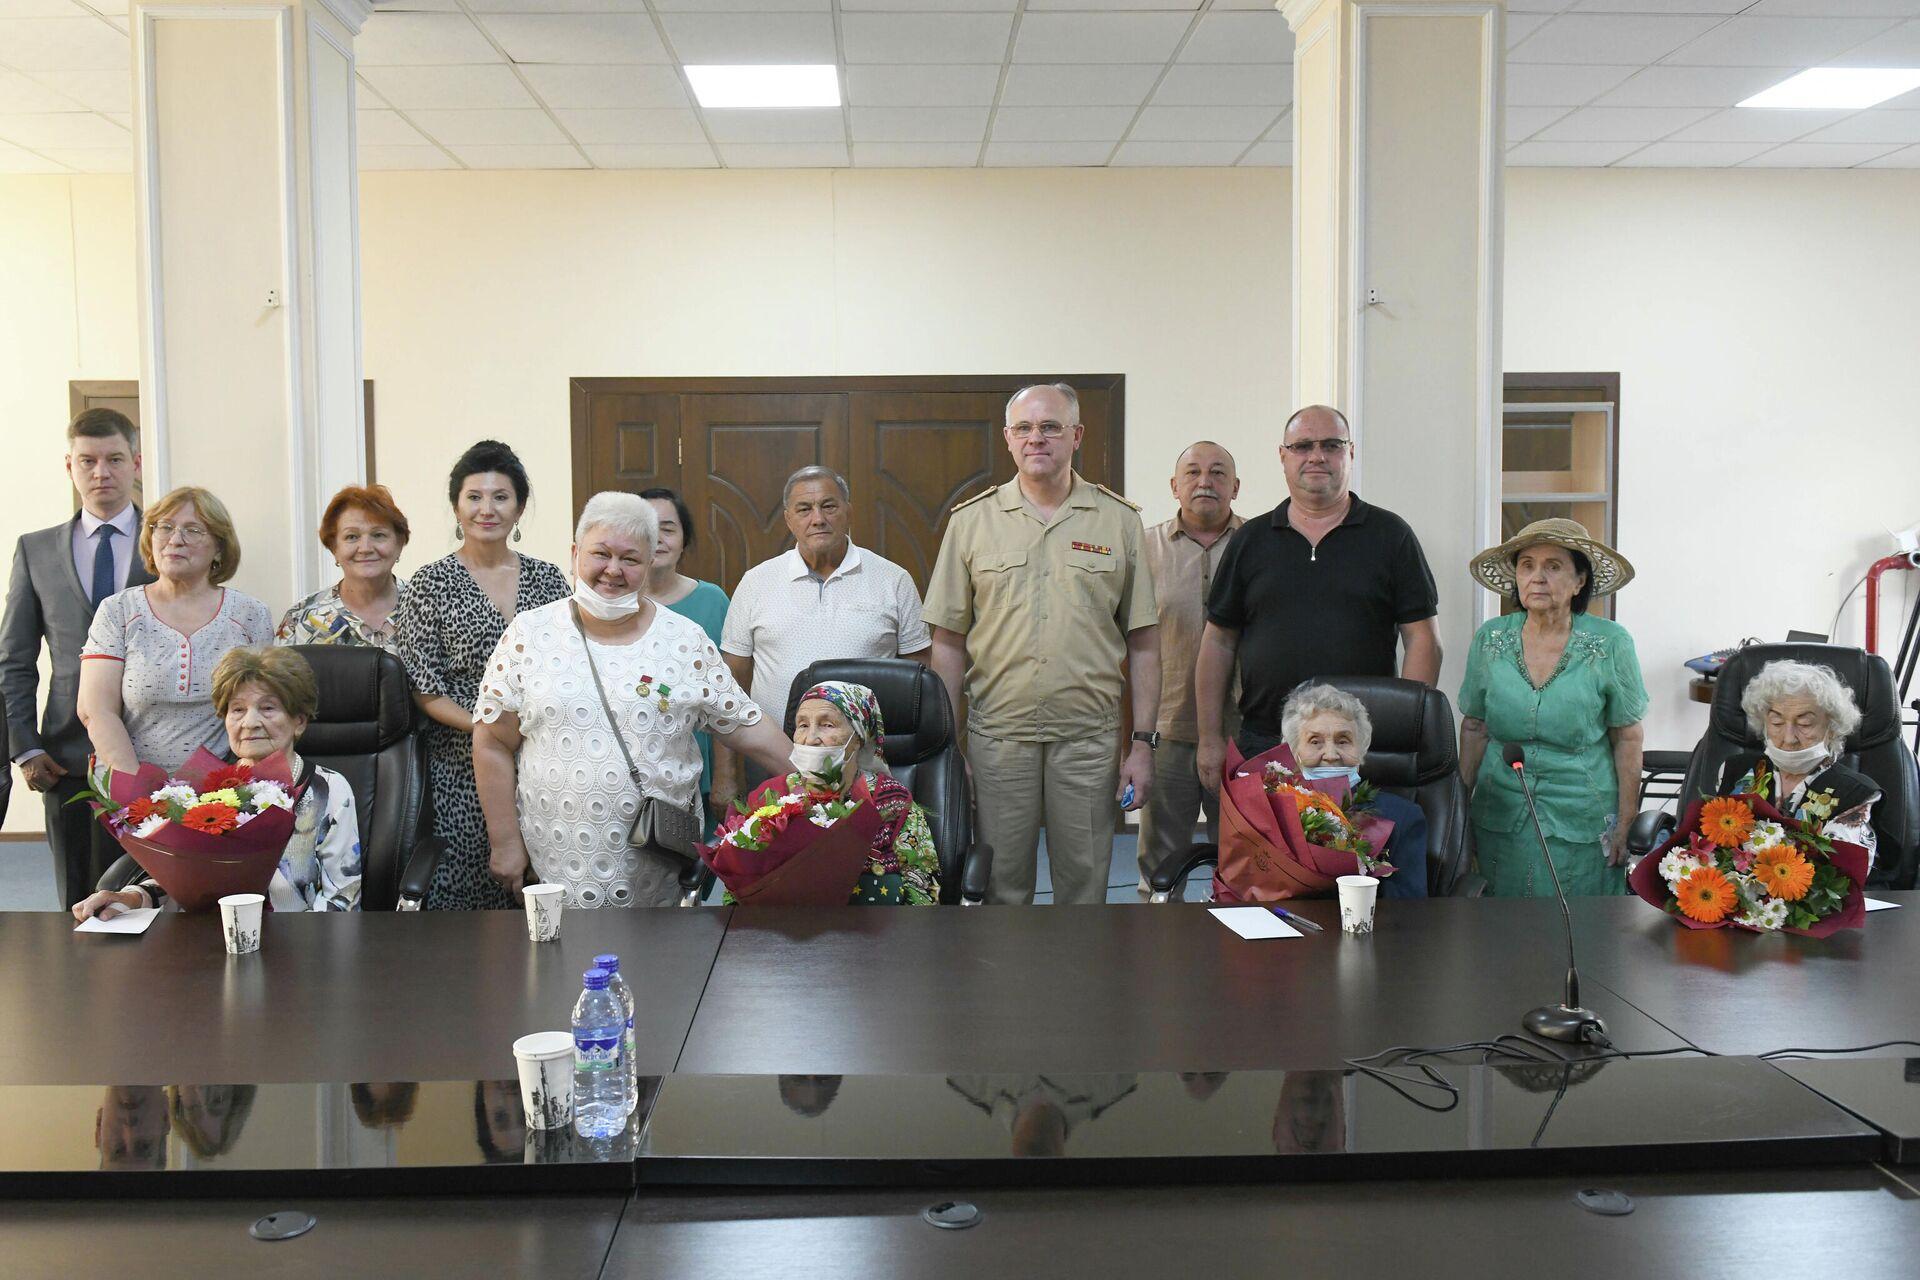 В благодарность за мир: ветеранам ВОВ в Узбекистане вручили подарки от Минобороны РФ - Sputnik Узбекистан, 1920, 22.09.2021